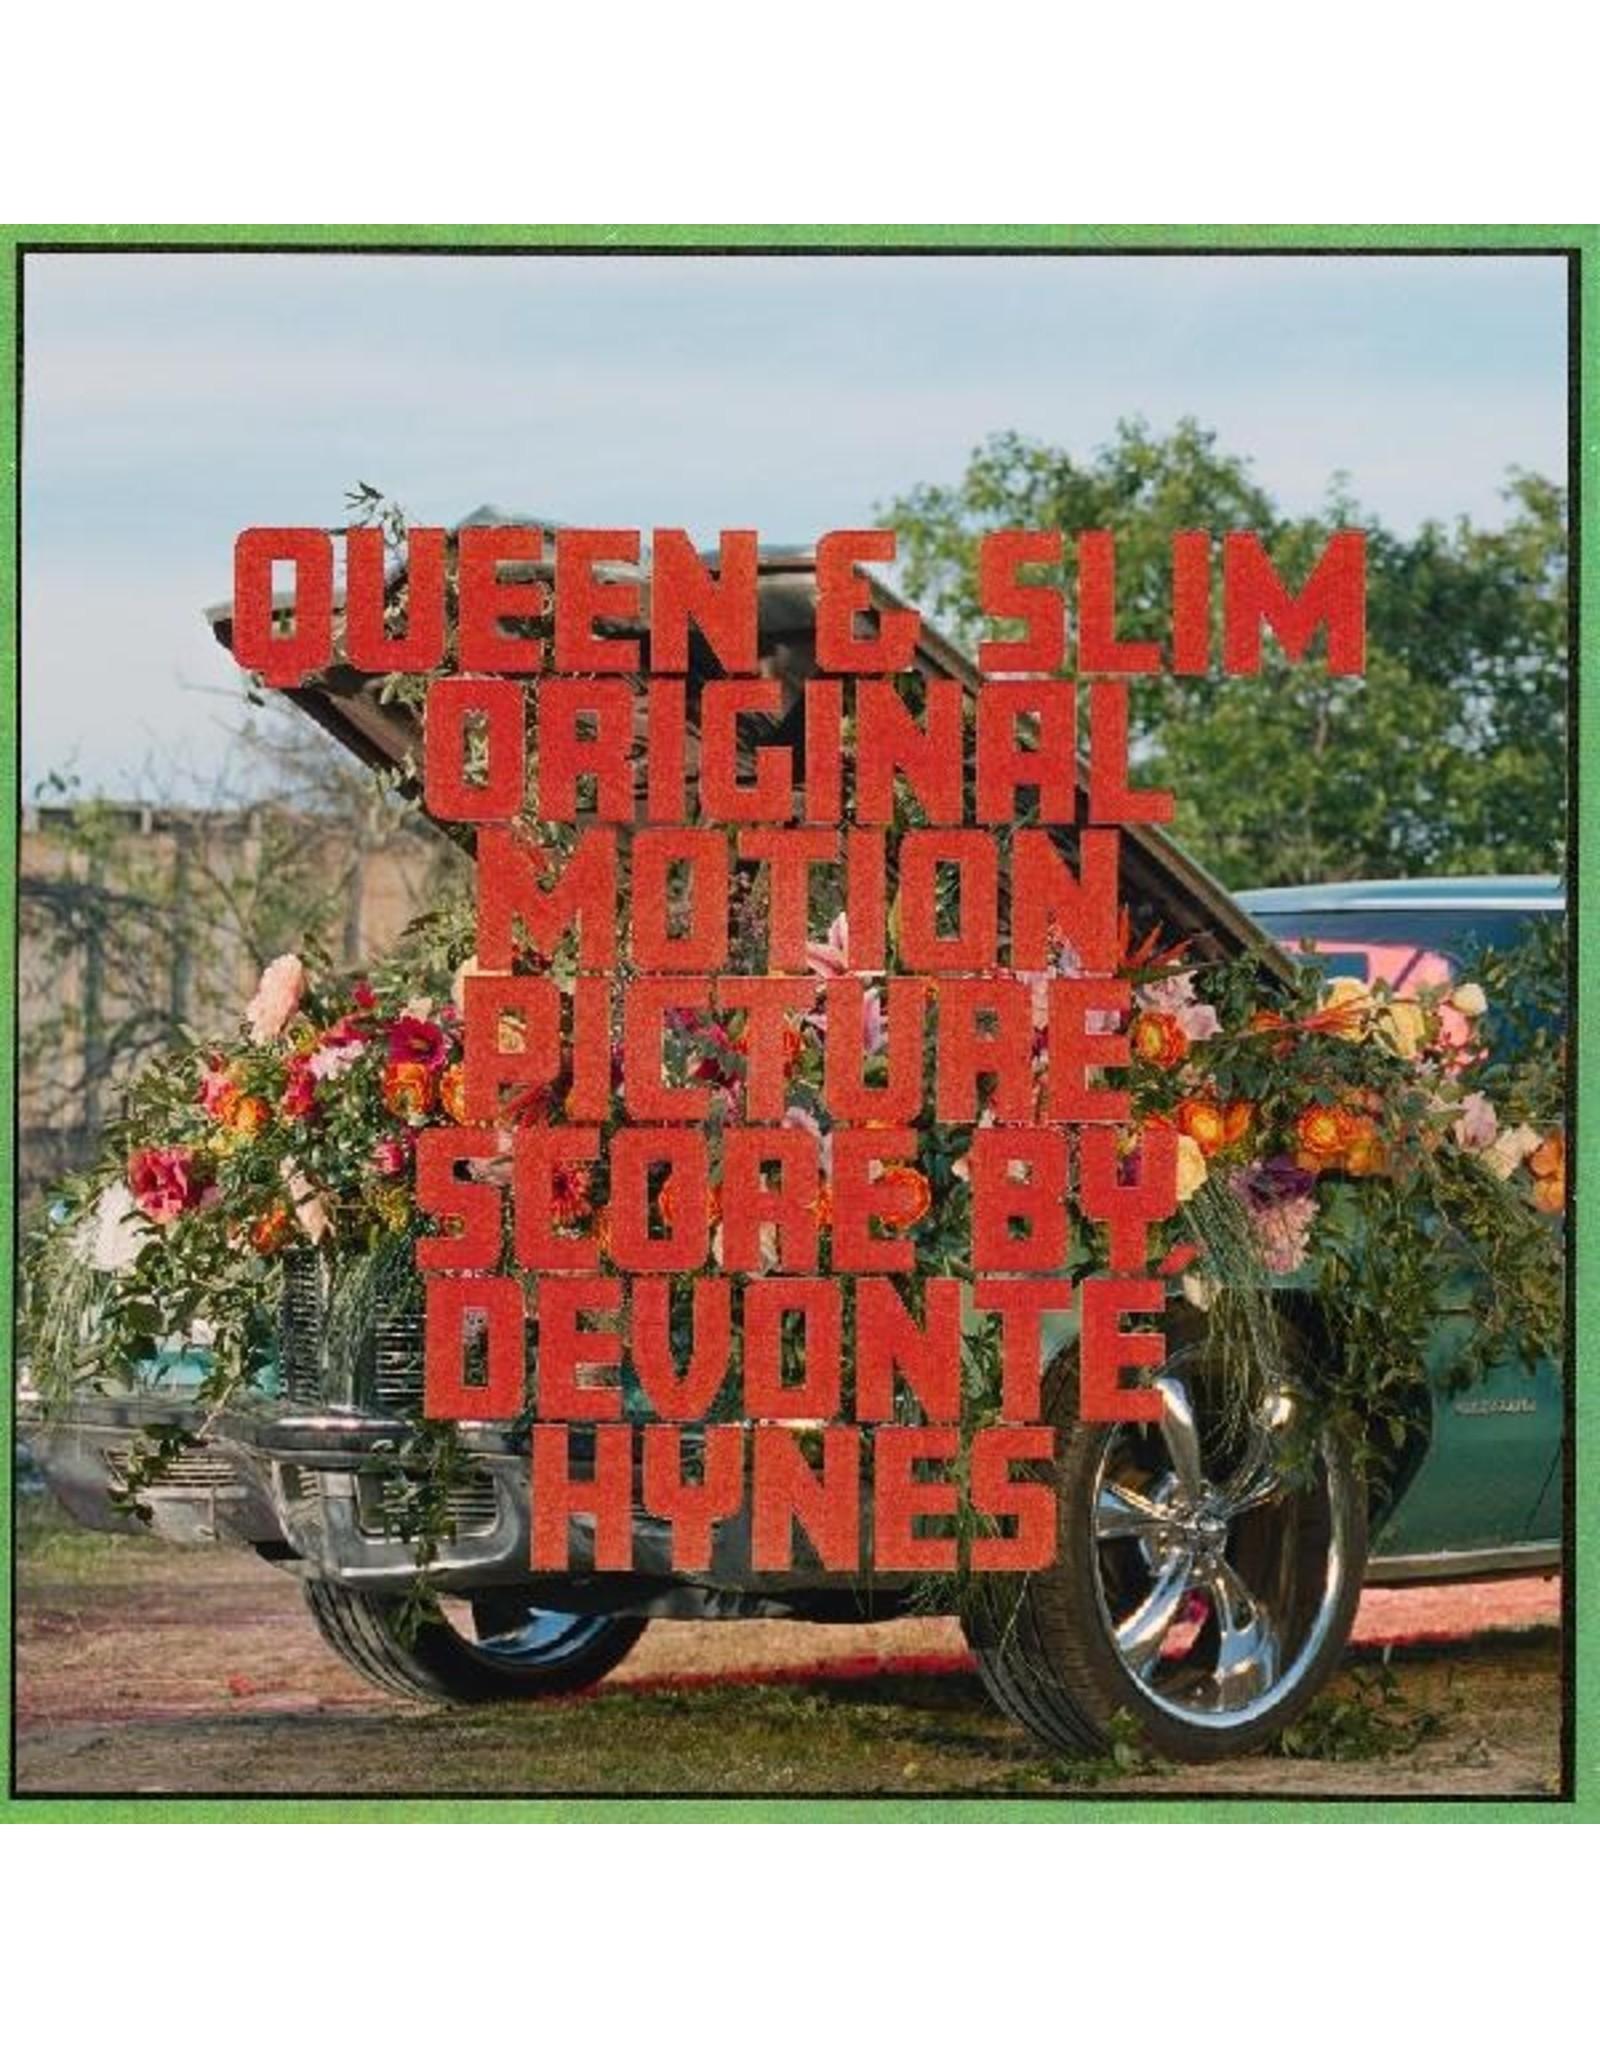 New Vinyl Devonte Hynes - Queen & Slim OST LP